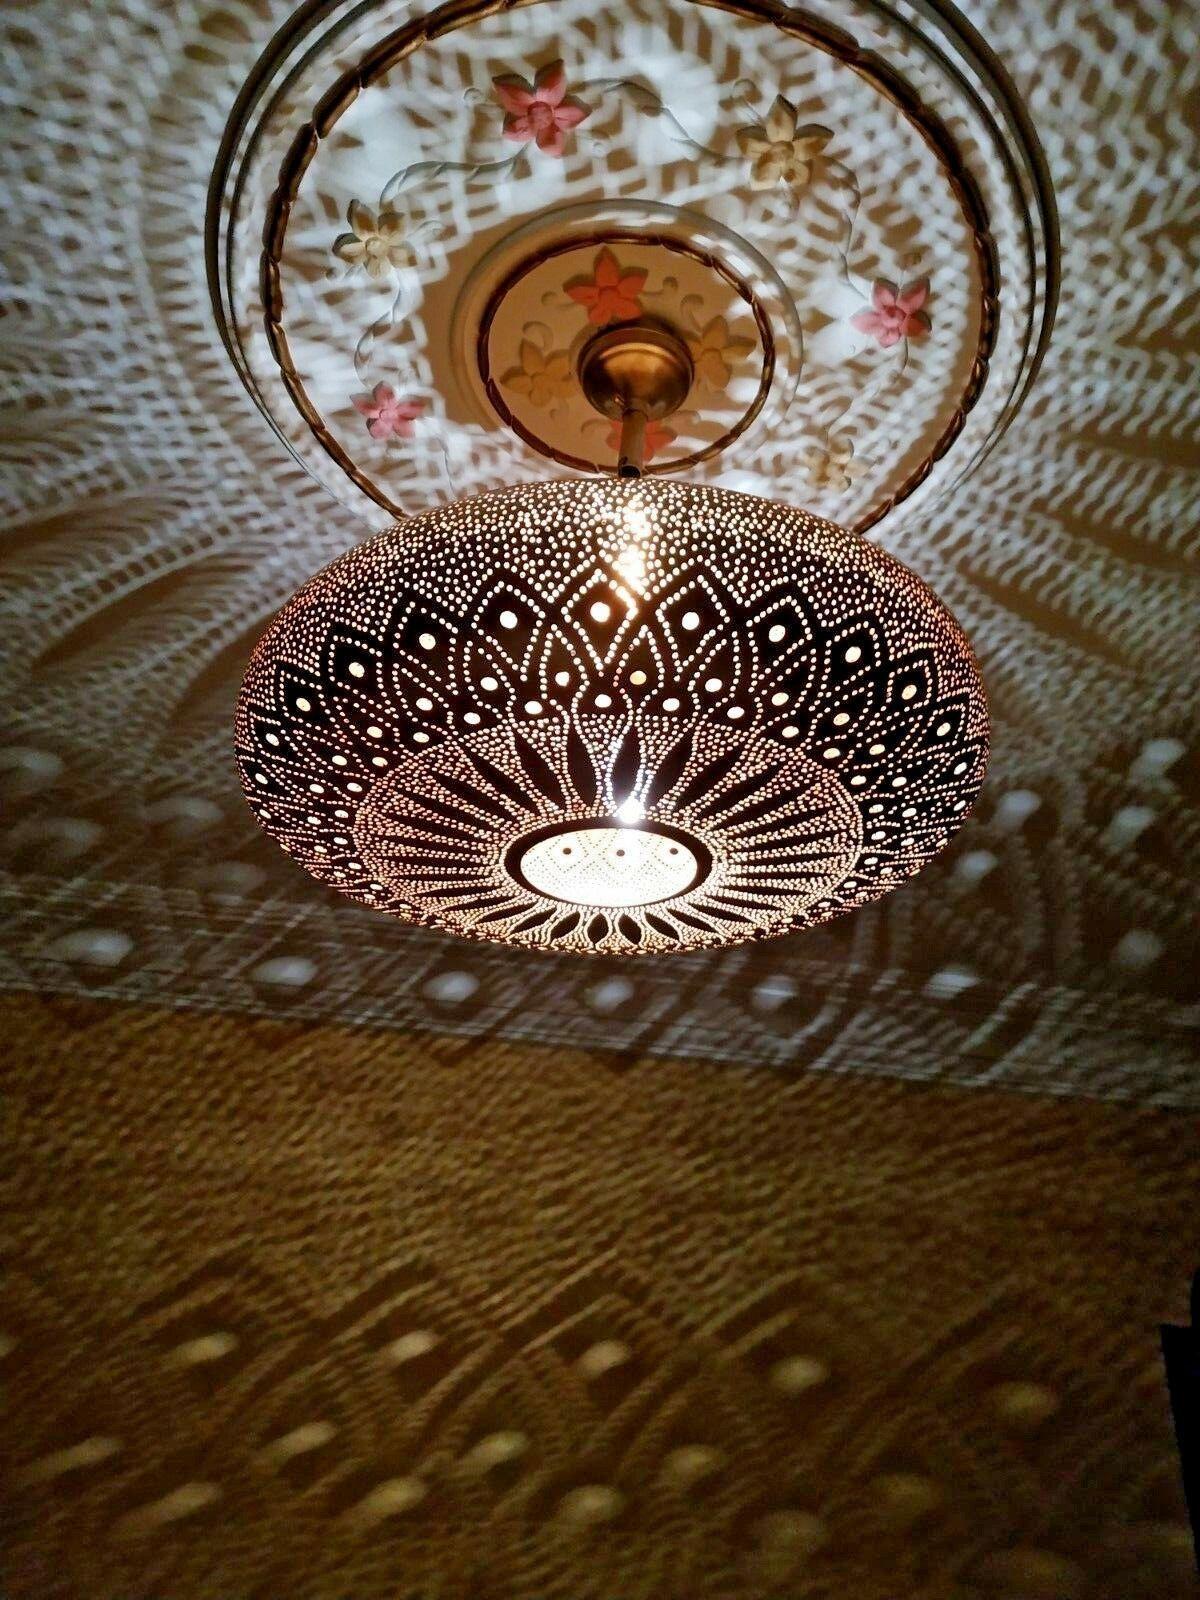 Pendant Lights Brass Moroccan Suspension Hanging Ceiling Chandelier Fixture